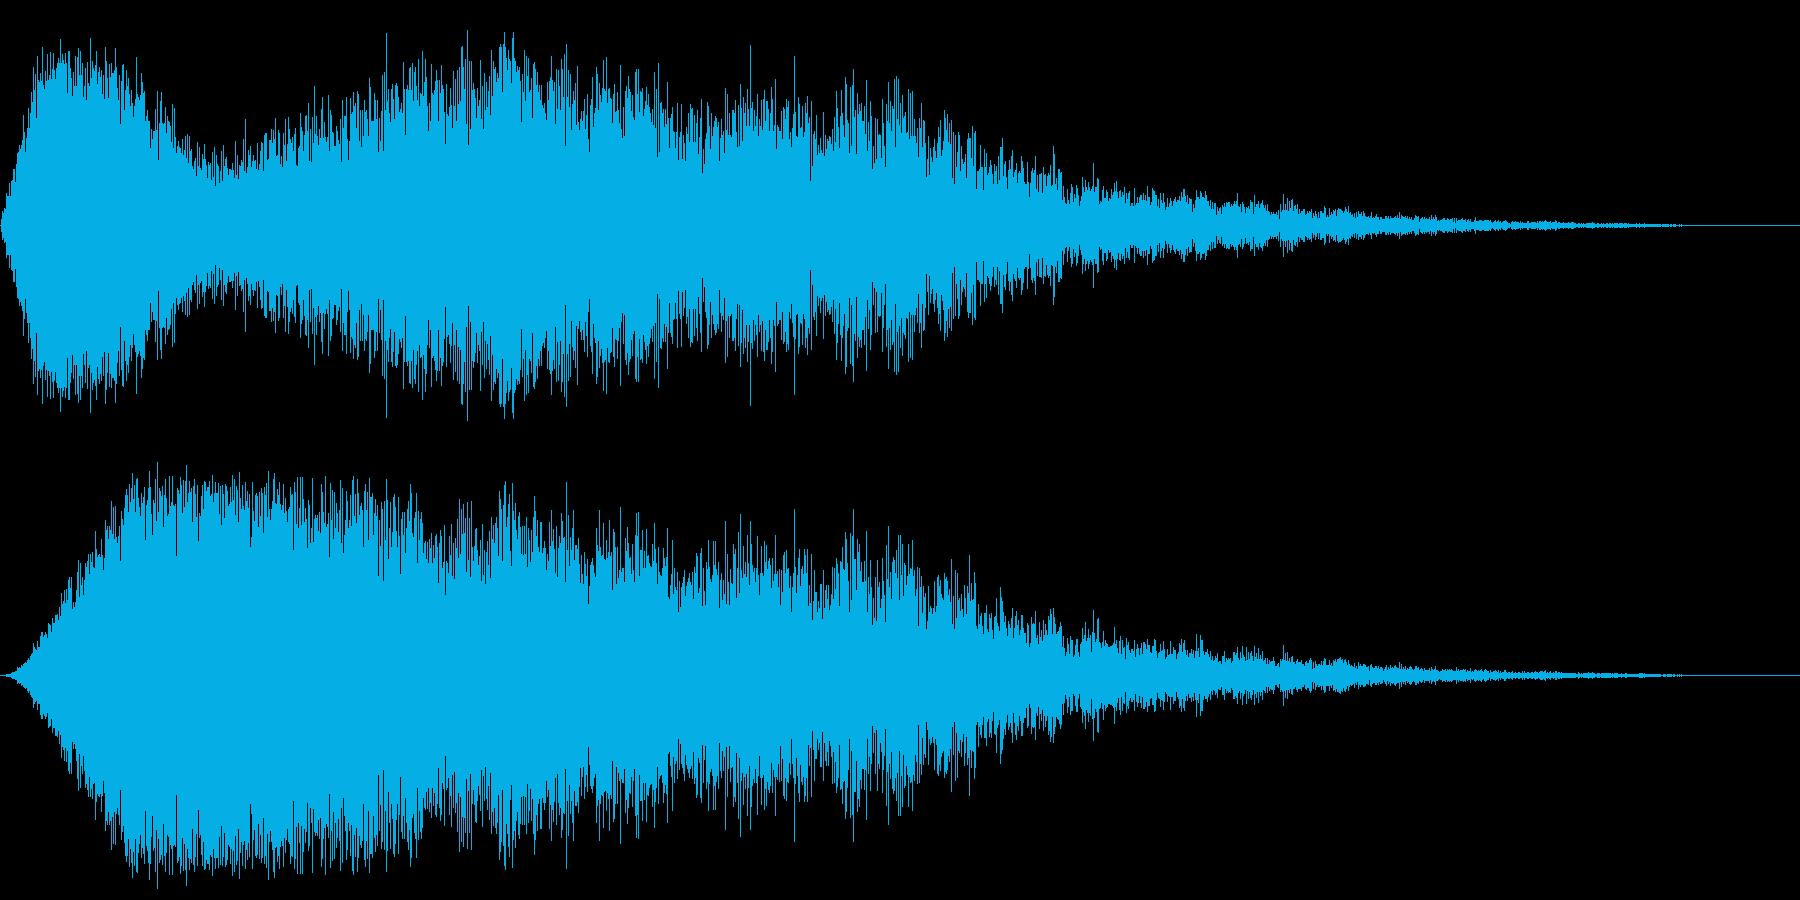 インパクト音(恐怖/緊張感)の再生済みの波形